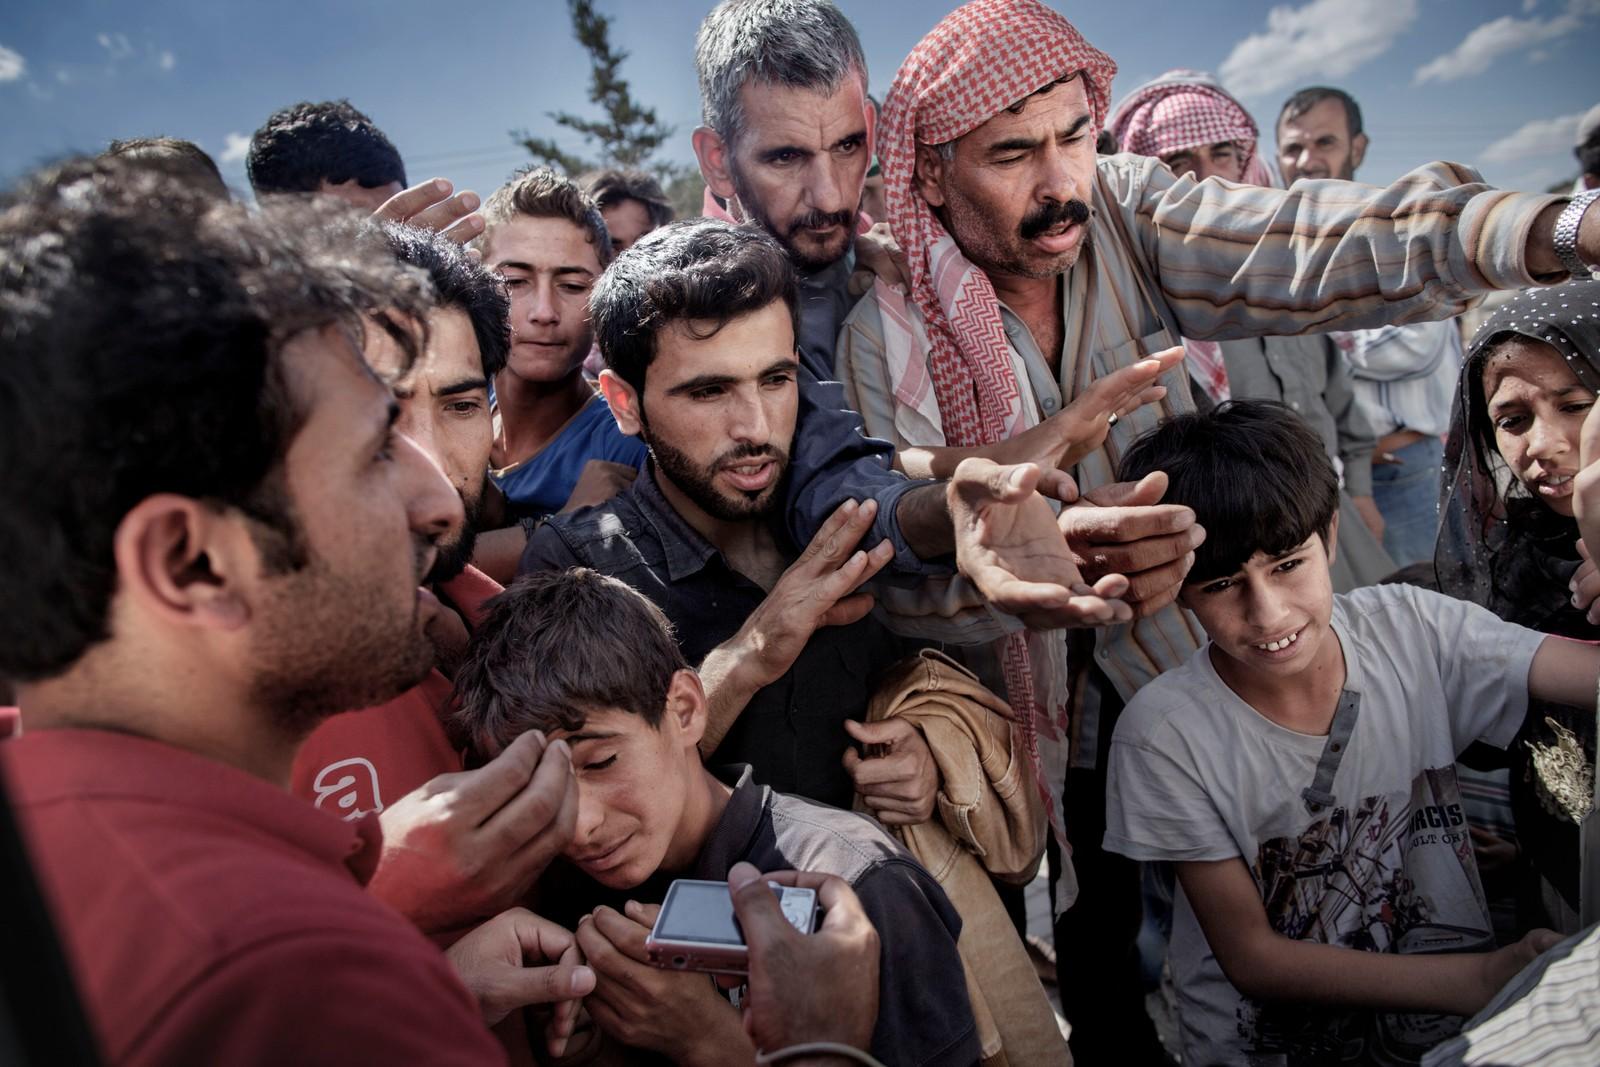 1. premie dokumentar utland: Over én million flyktninger har kommet til Europa i 2015 via sjøveien. En stor andel av dem er syrere som rømmer fra den brutale borgerkrigen i deres hjemland. De aller fleste av dem har fulgt ruten gjennom Tyrkia, Hellas og Balkan til Nord-Europa. Tusener har omkommet i overfylte båter på Middelhavet, og desperate flyktninger har levd i overfylte leire. Europeiske myndigheter har stått overfor den største flyktningkrisen på kontinentet siden 2. verdenskrig. Krisen har skapt splittelse i EU, grensegjerder har blitt bygget, men mest av alt har den bragt de globale utfordringene til oss. Jeg fulgte i flyktning- enes fotspor, fra grensen mellom Syria og Tyrkia, til Hellas, Makedonia, Serbia, Kroatia og Slovenia til Tyskland. Juryens begrunnelse: Vi blir med på en reise gjennom Europa sammen med flyktningene. Et omfattende arbeid av fjorårets viktigste hendelse. Vi kommer tett på, langt unna og får det store bildet. Serien skiller seg klart ut. Dette er fotografier på et høyt, internasjonalt nivå.